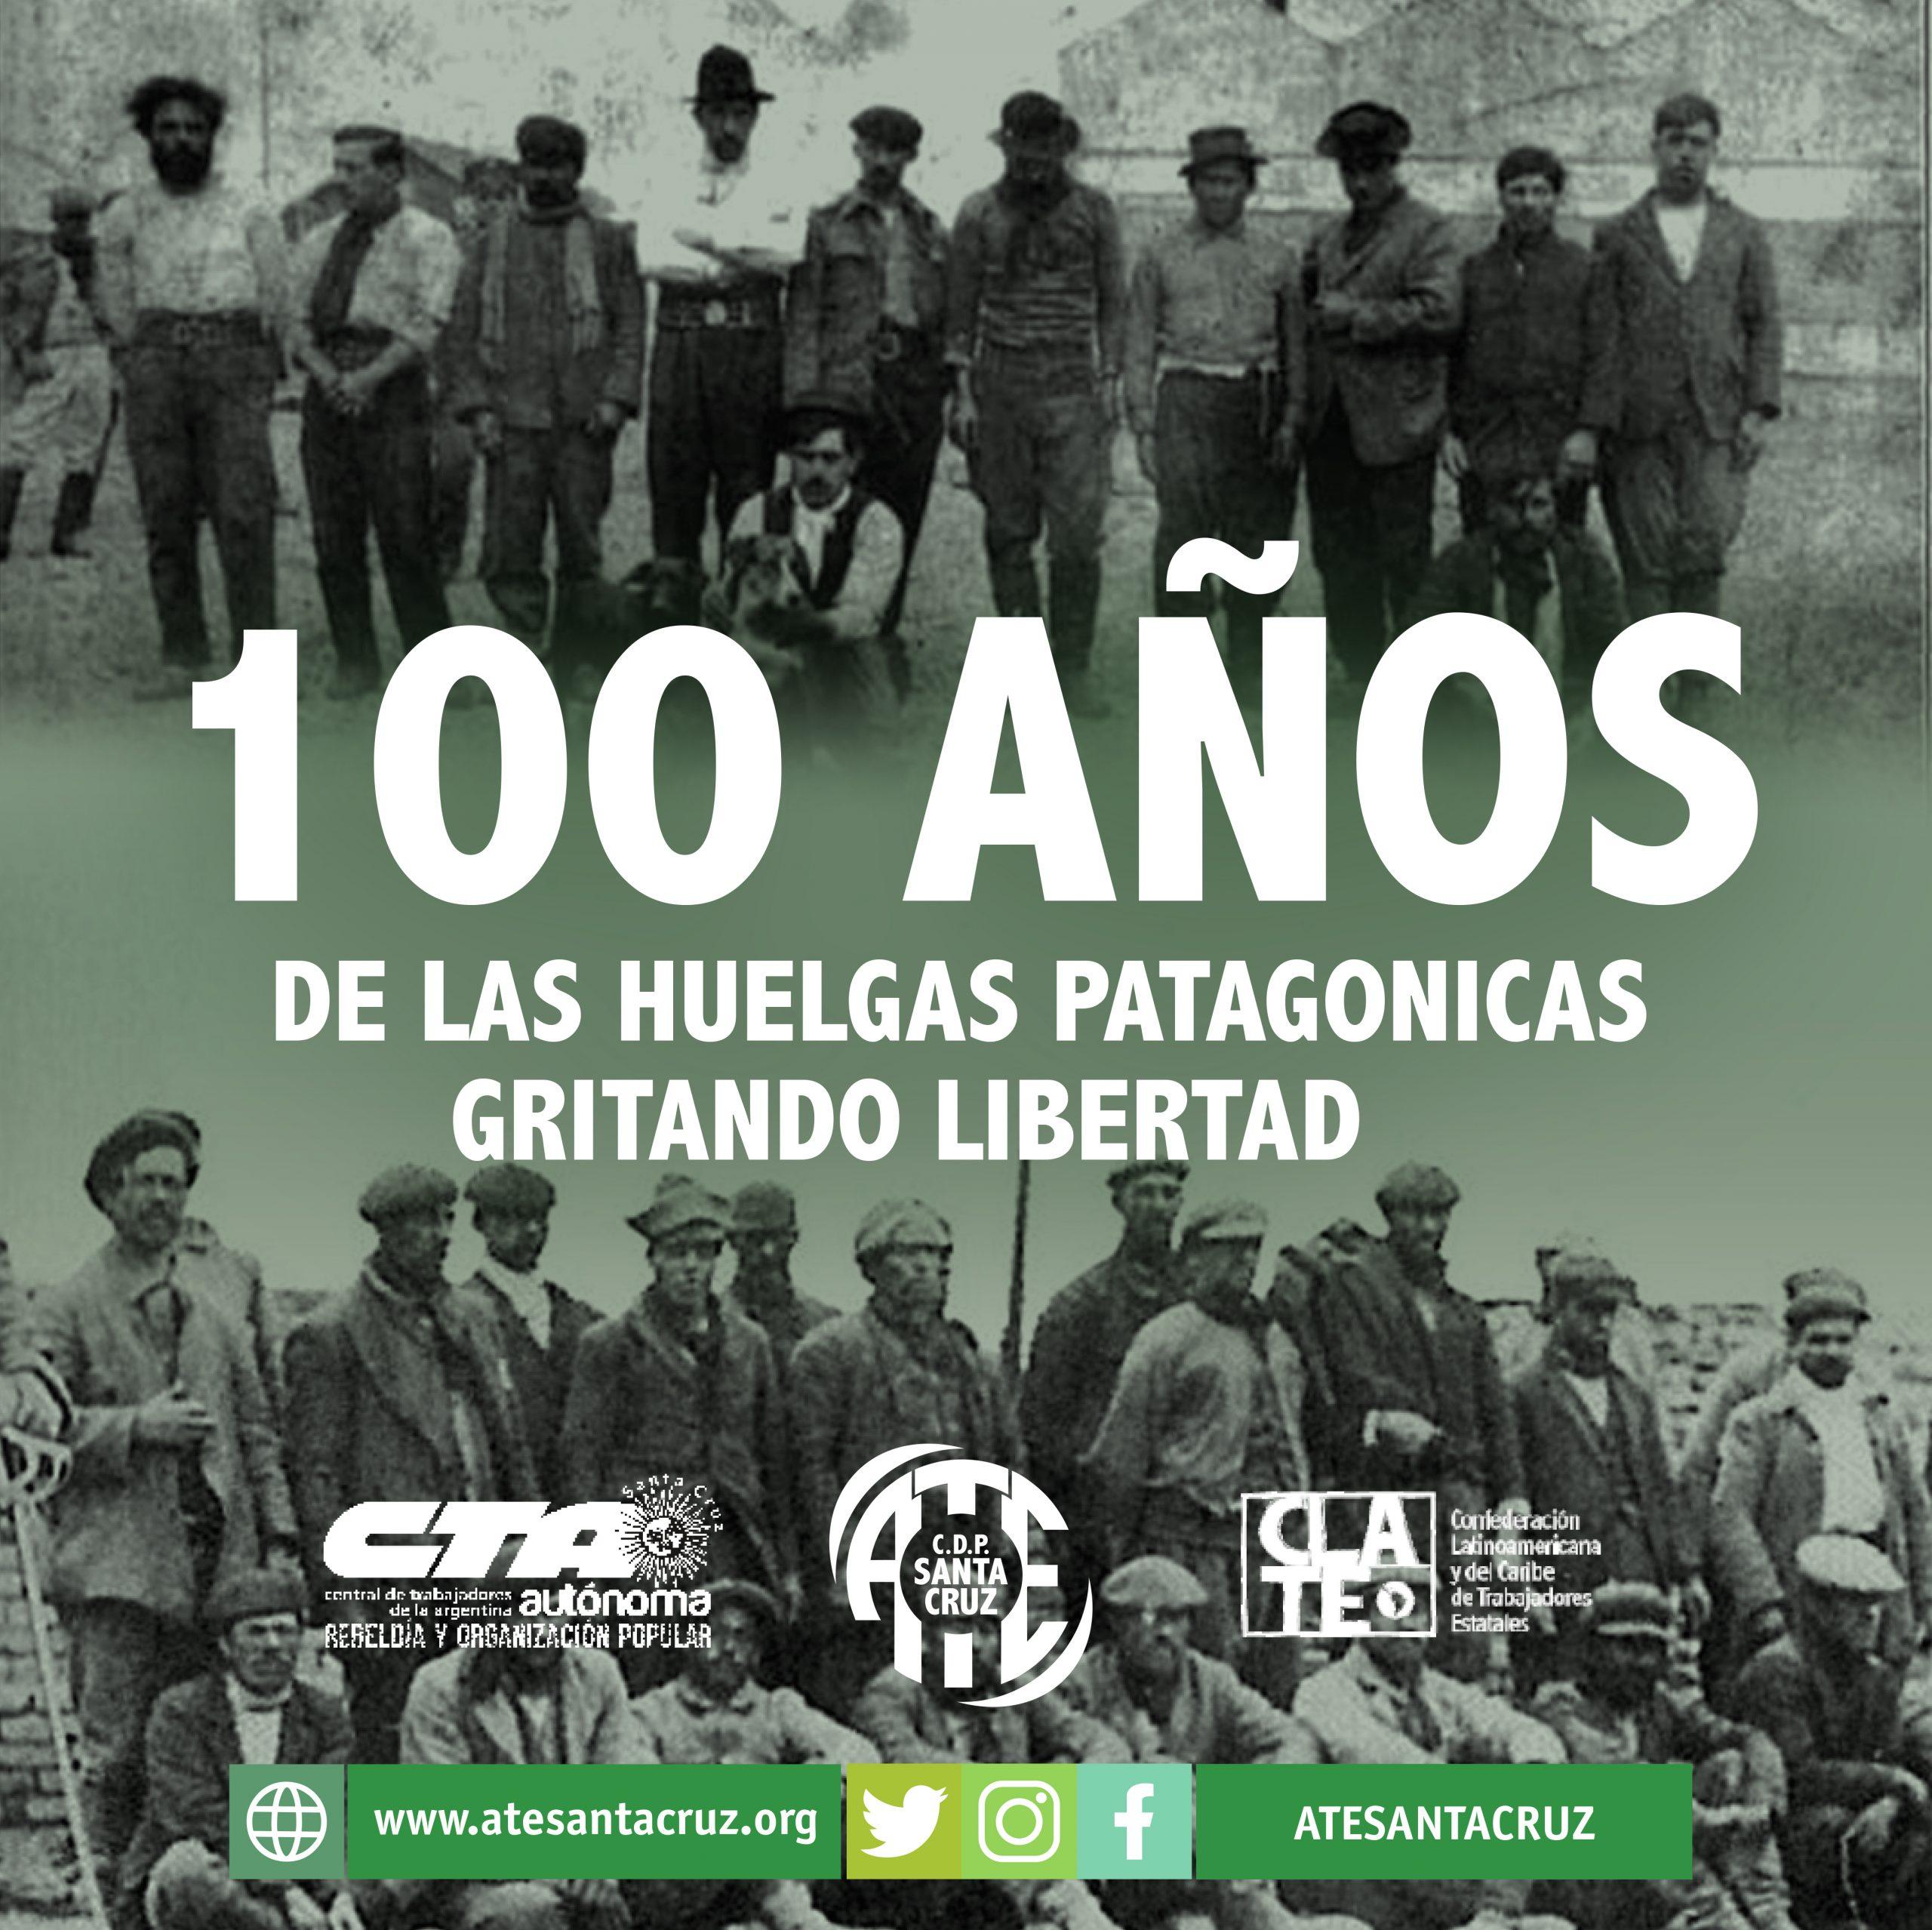 Memoria Verdad y Justicia para los fusilados de la patagonia a 100 años de la masacre